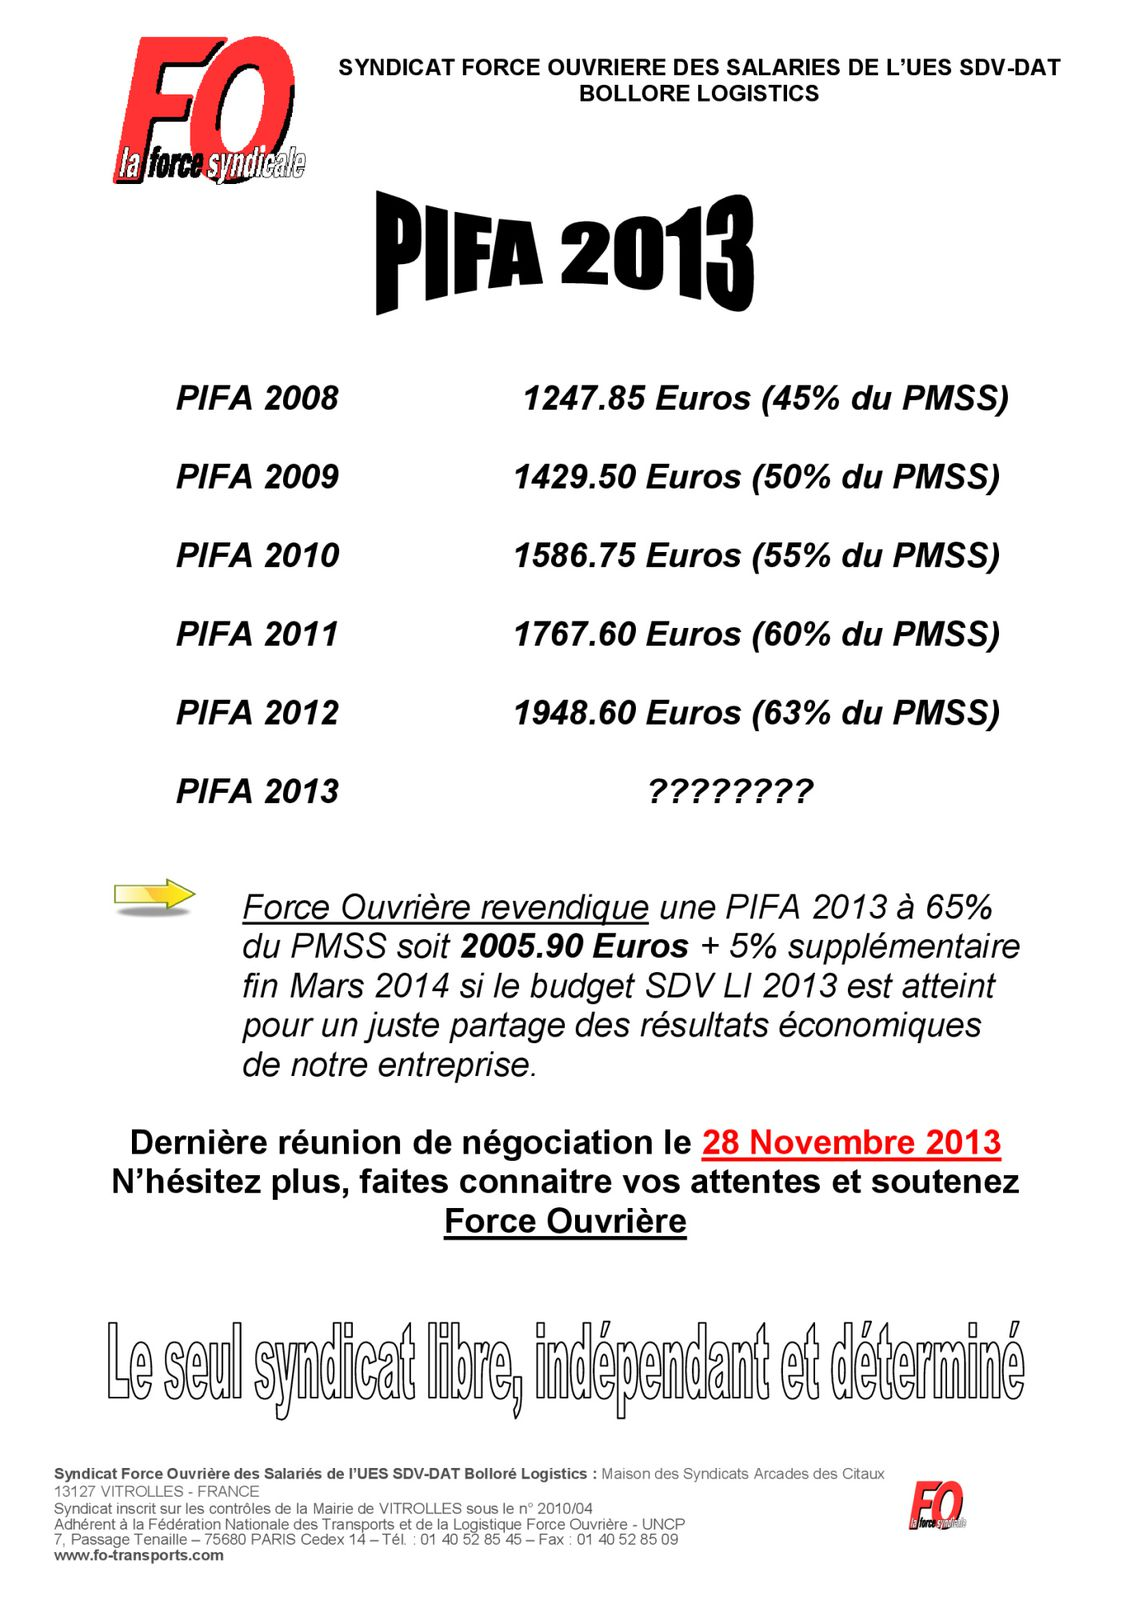 PIFA : réunion supplémentaire le 28/11